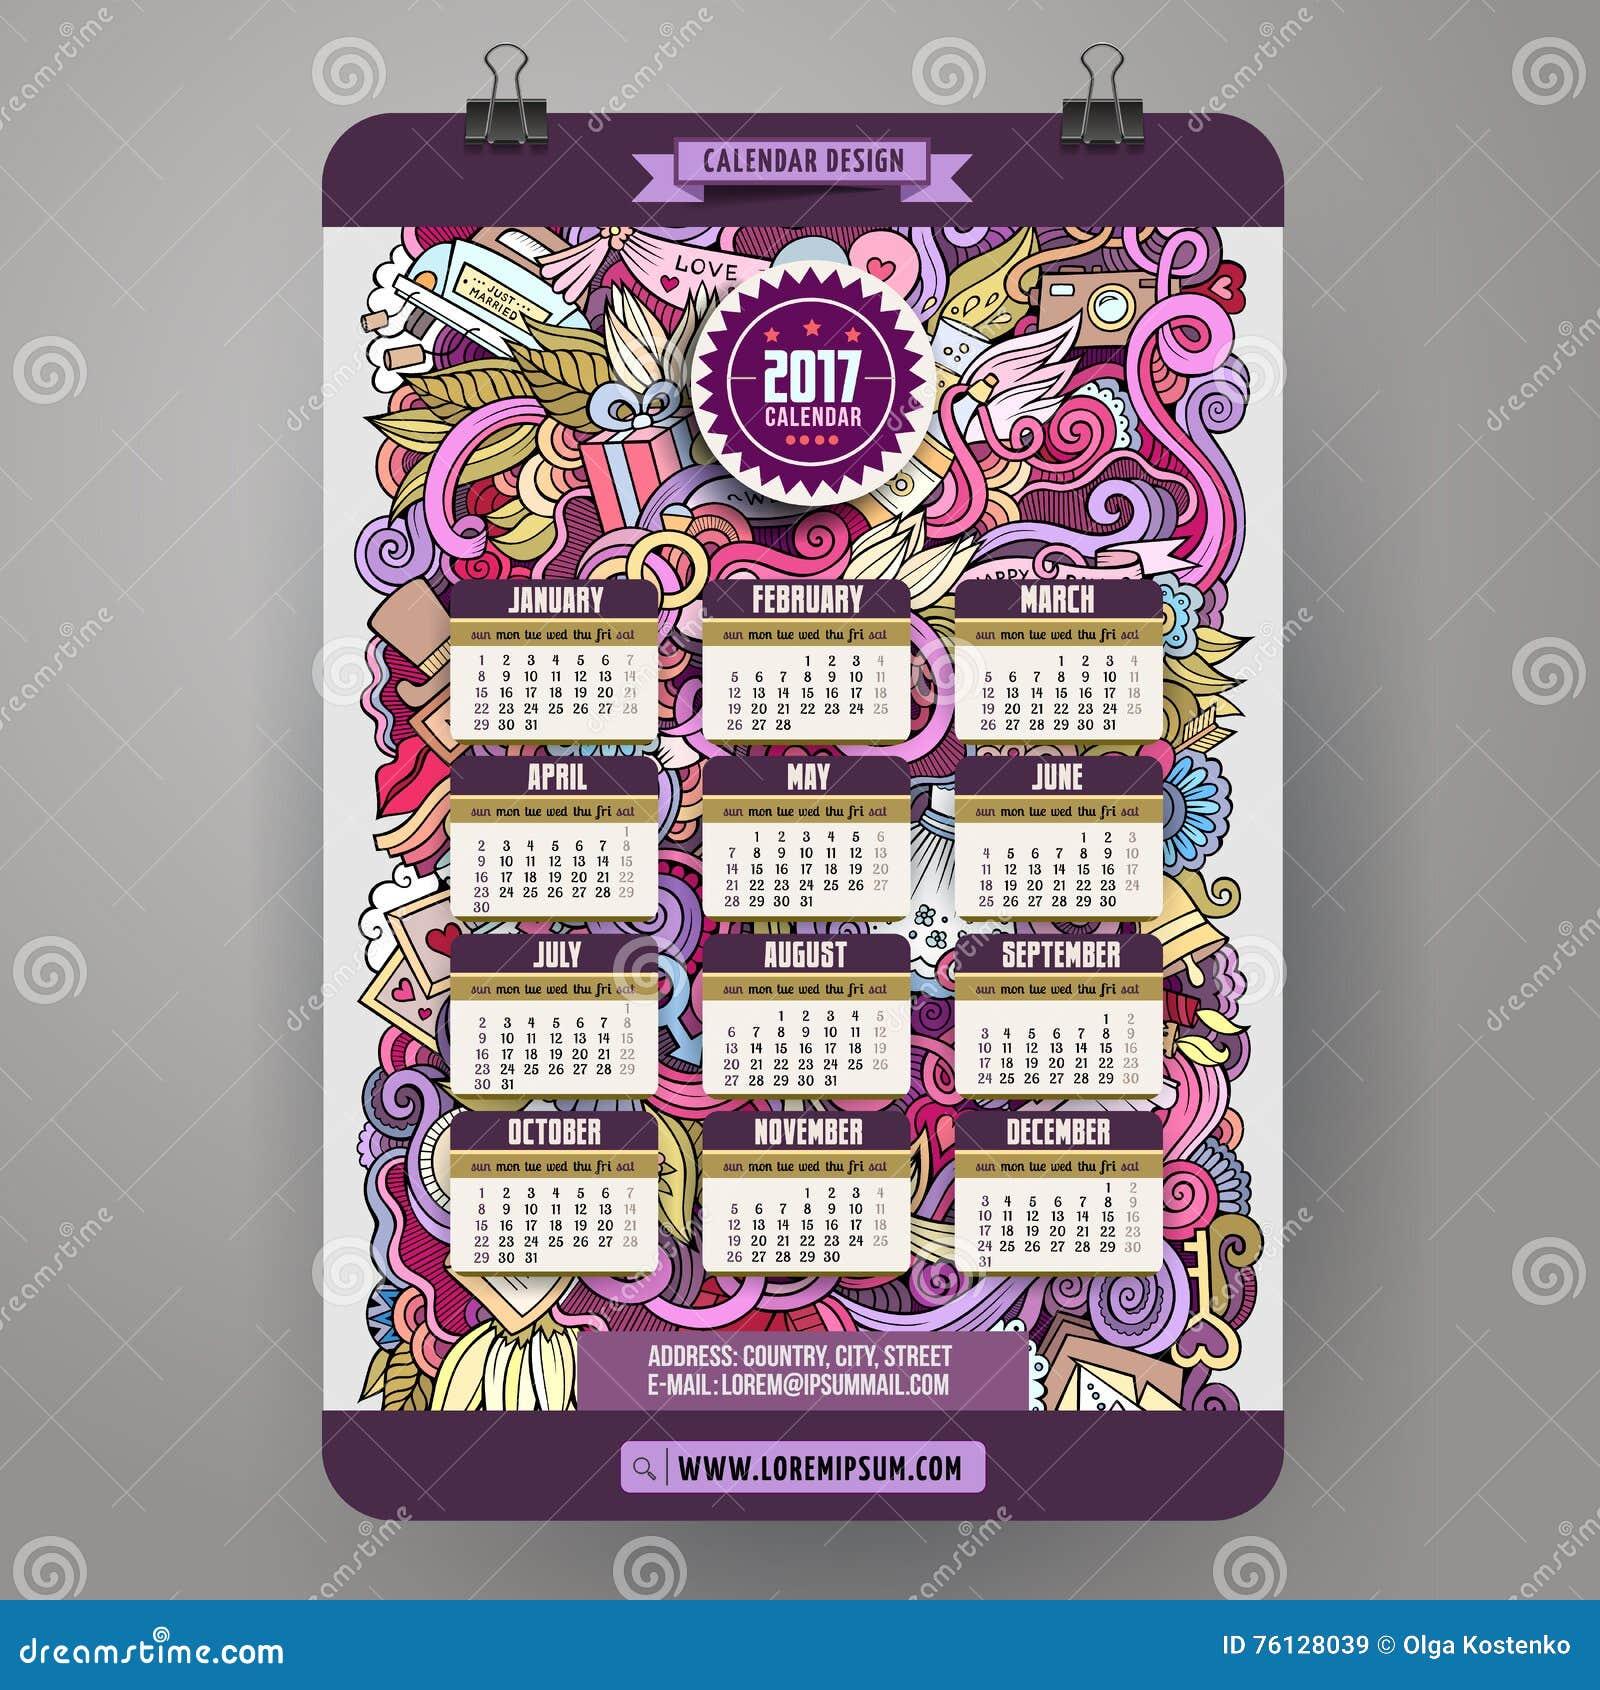 wedding calendar template